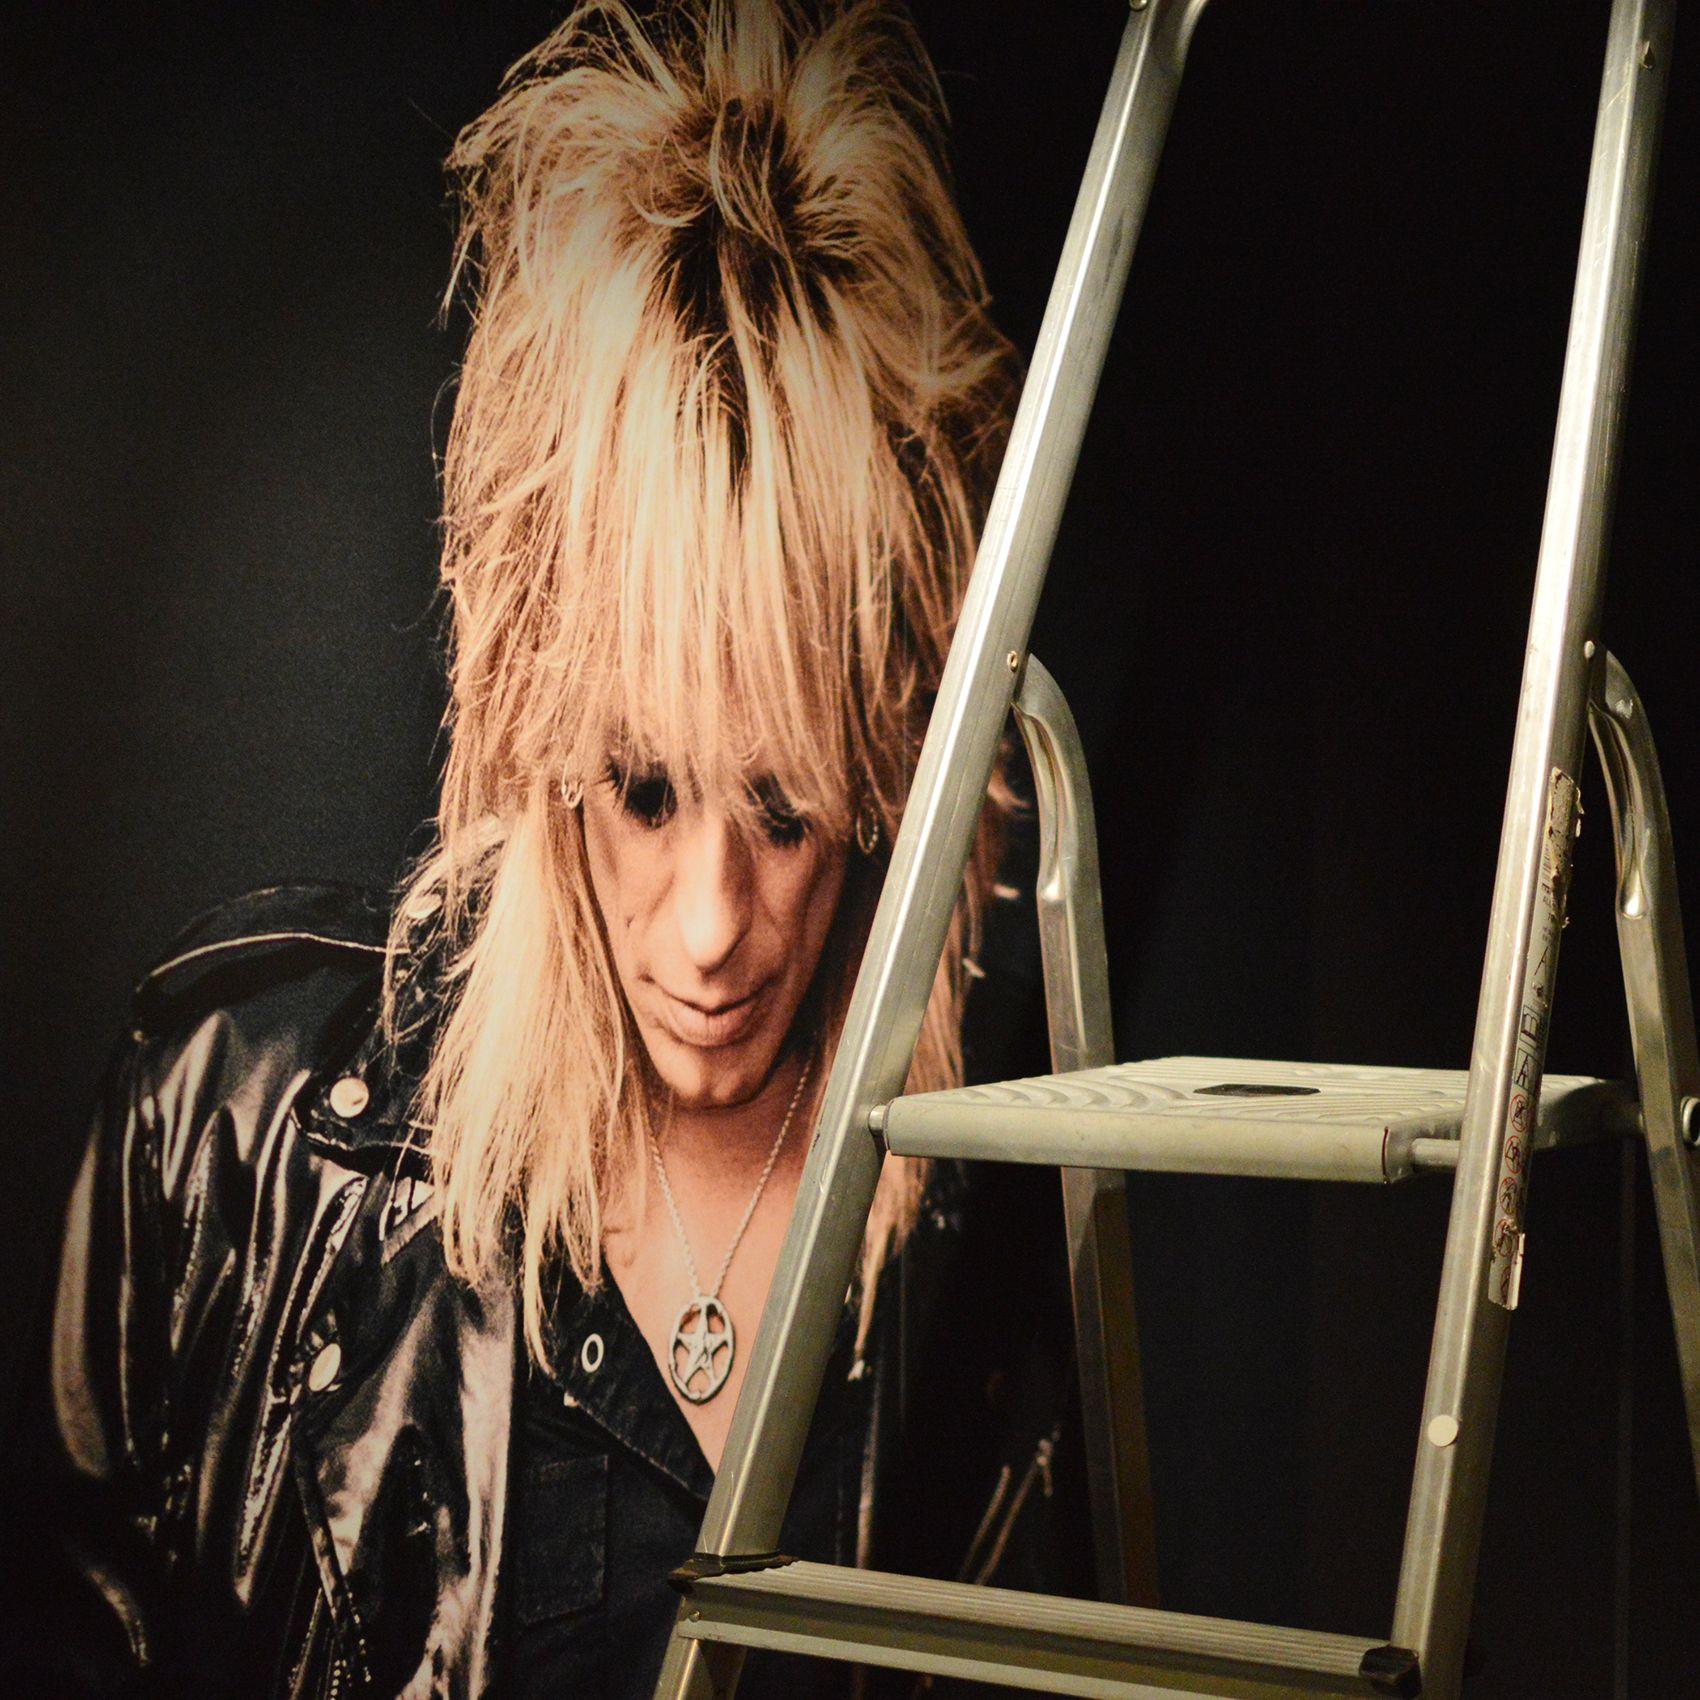 Michael Monroen A Star All Heart -korun keskiössä on laulajalle tärkeä tähtikuvio.